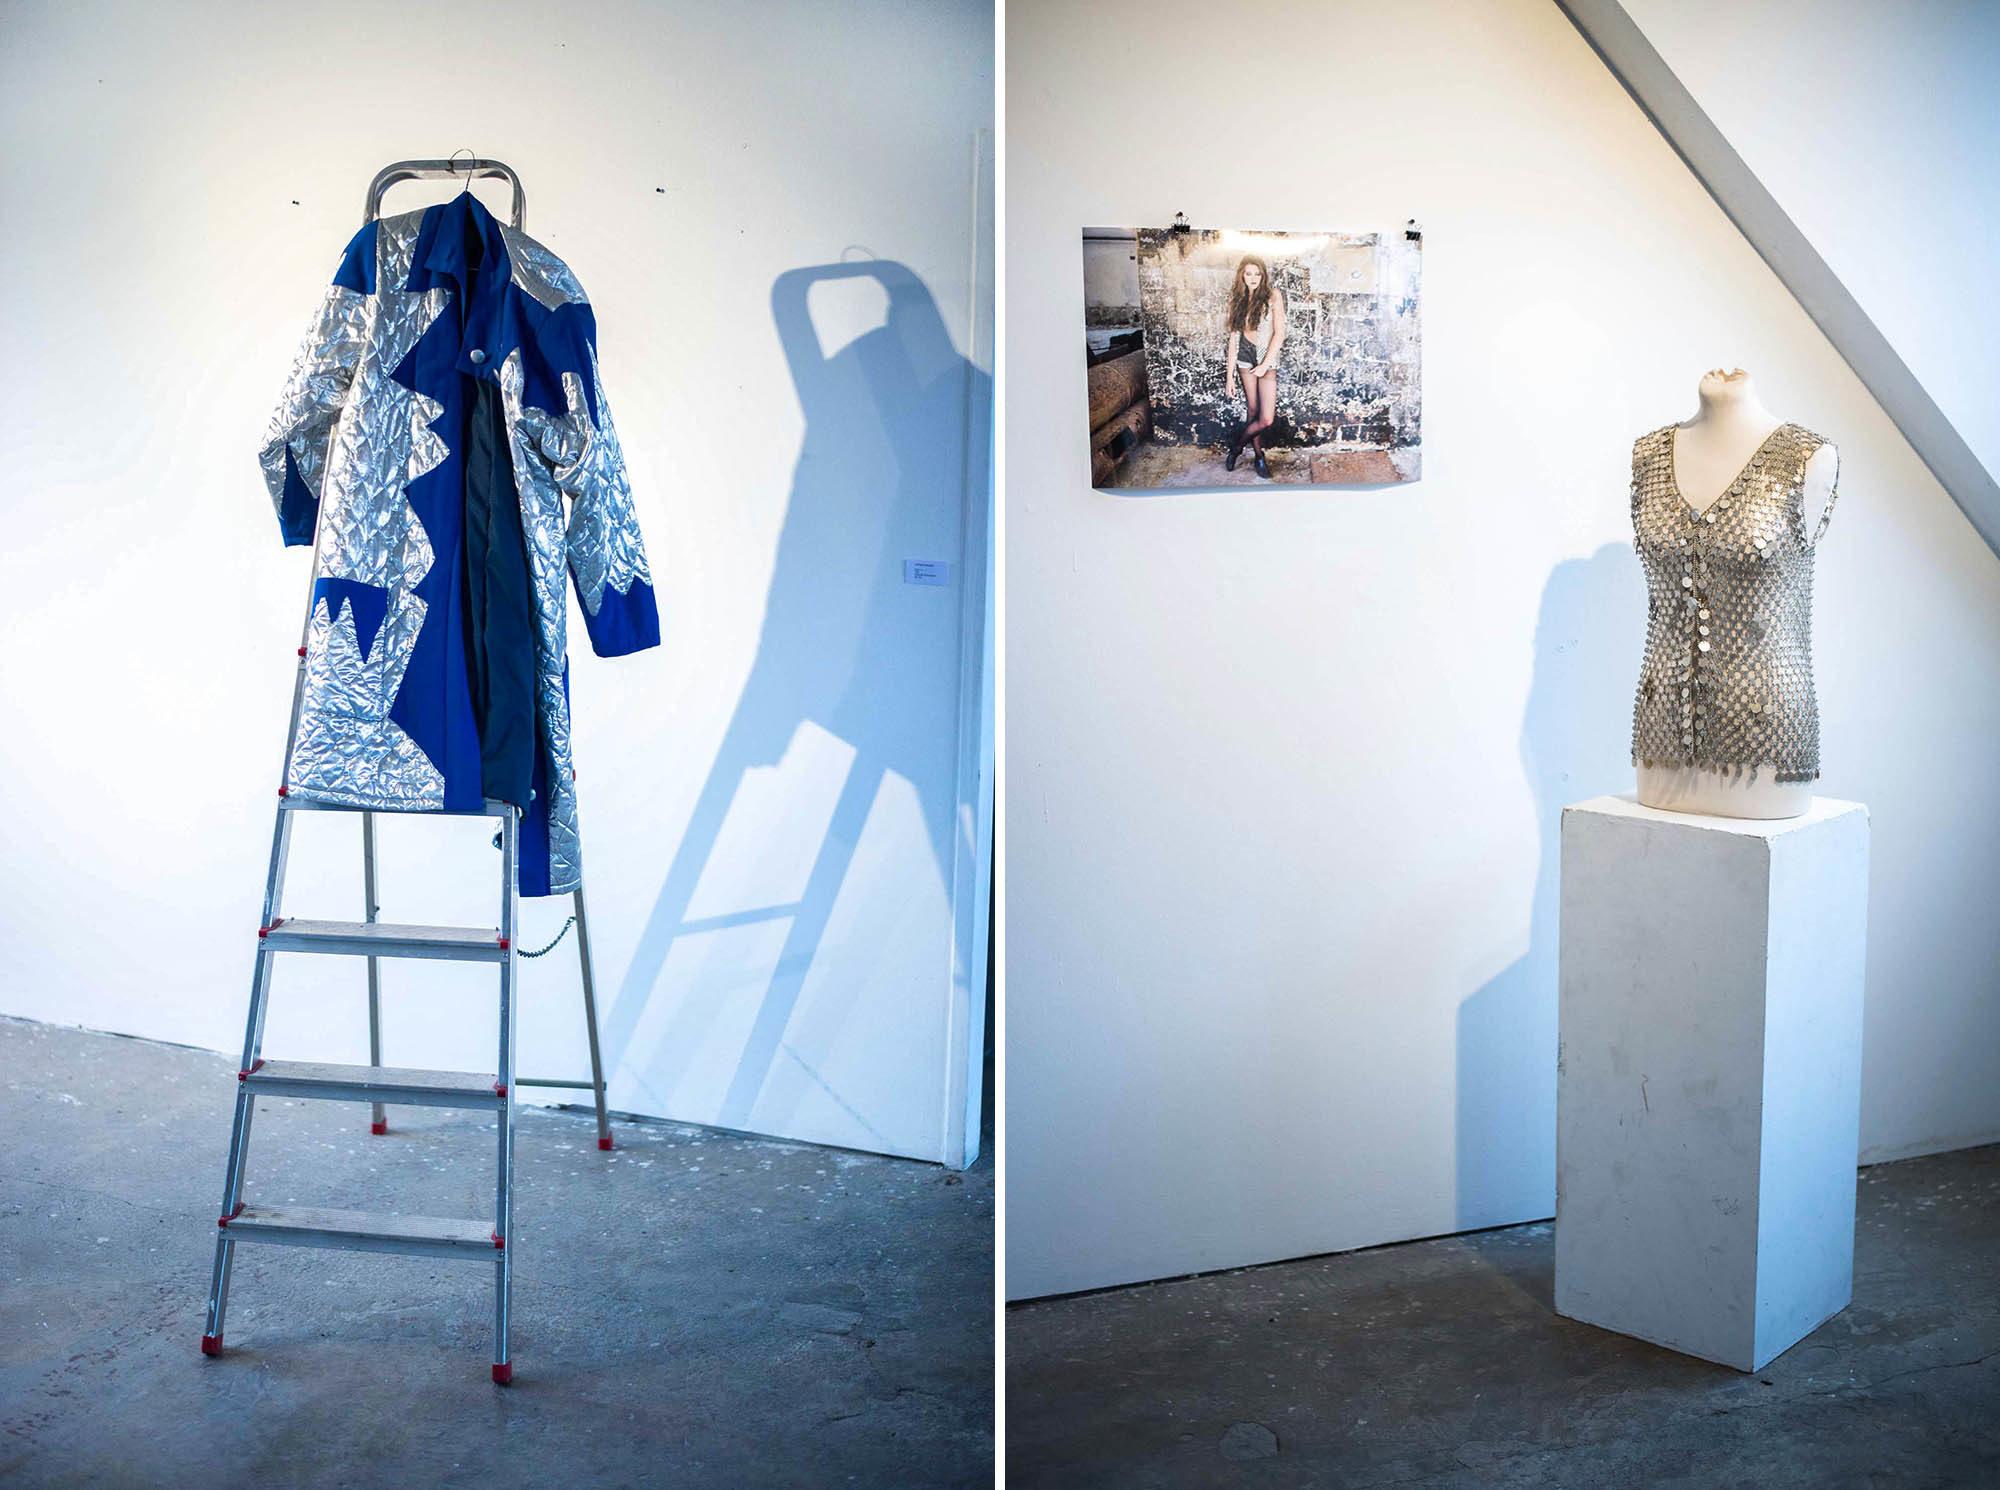 mehrwert textil kunst mode kulm fair fashion vernissage nachhaltigkeit textilindustrie veränderung